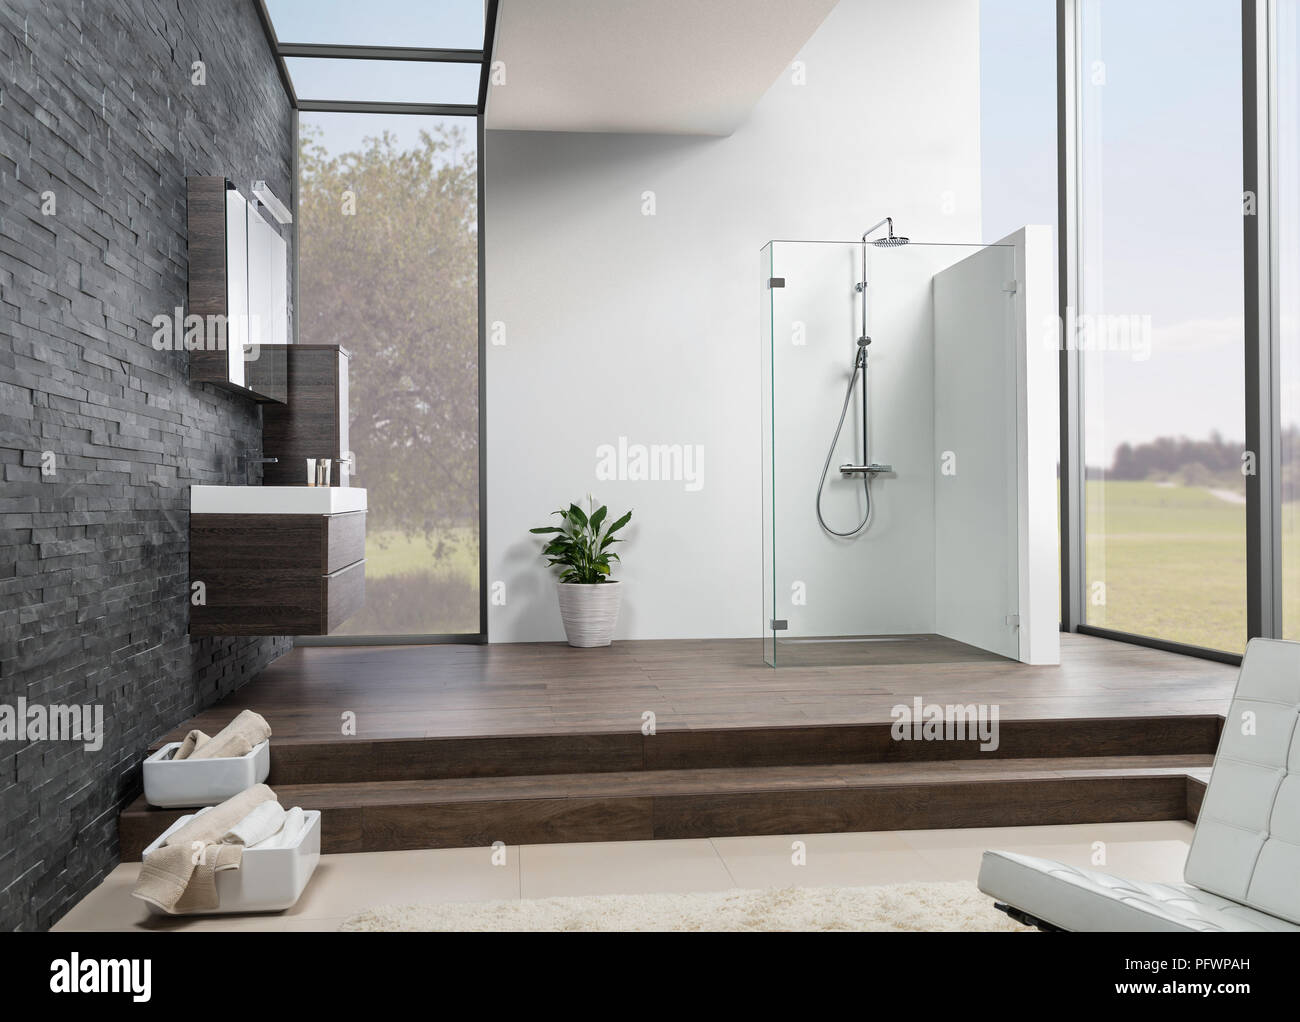 Modern Bathroom with black tiles wooden floor and big windows. & Modern Bathroom with black tiles wooden floor and big windows Stock ...